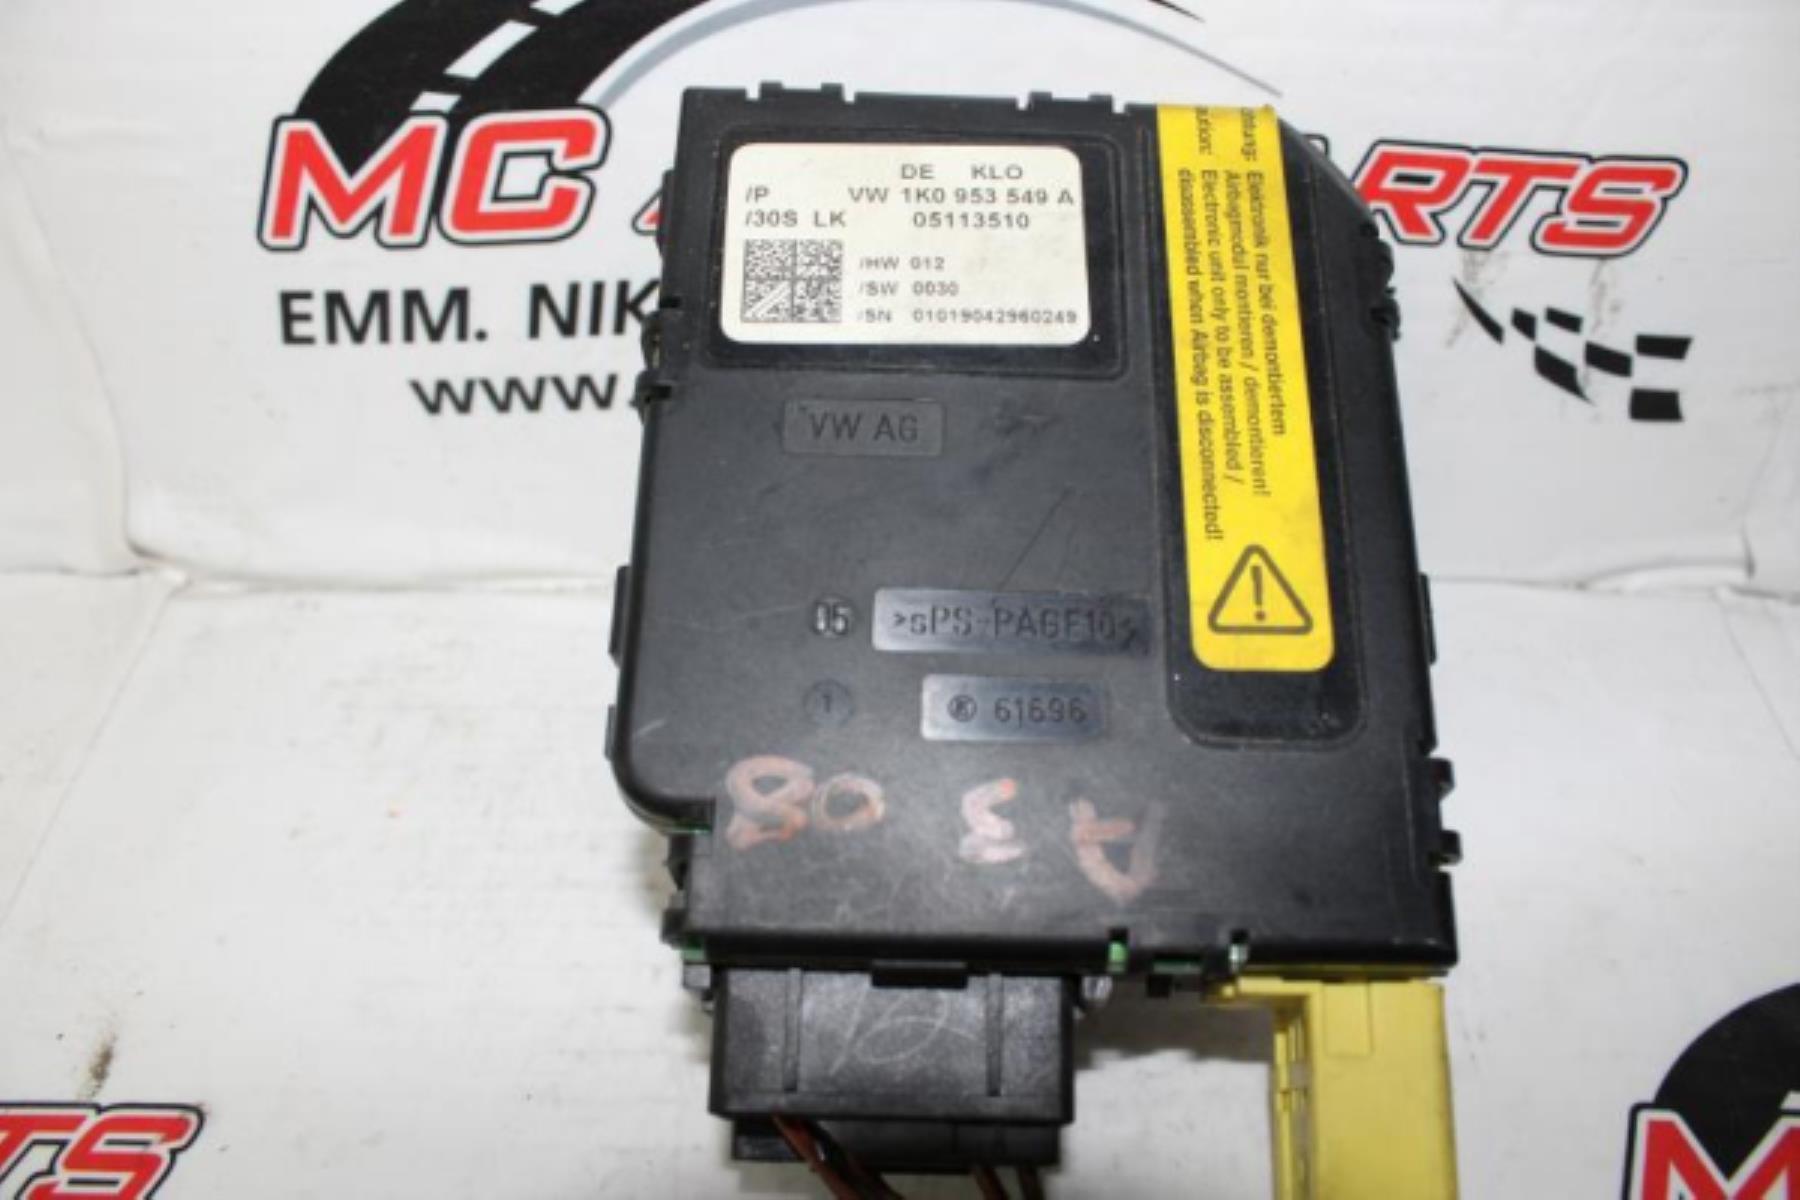 Εικόνα από Πλακέτα  AUDI A3 (2008-2012)  1K0953549A   τιμονιού